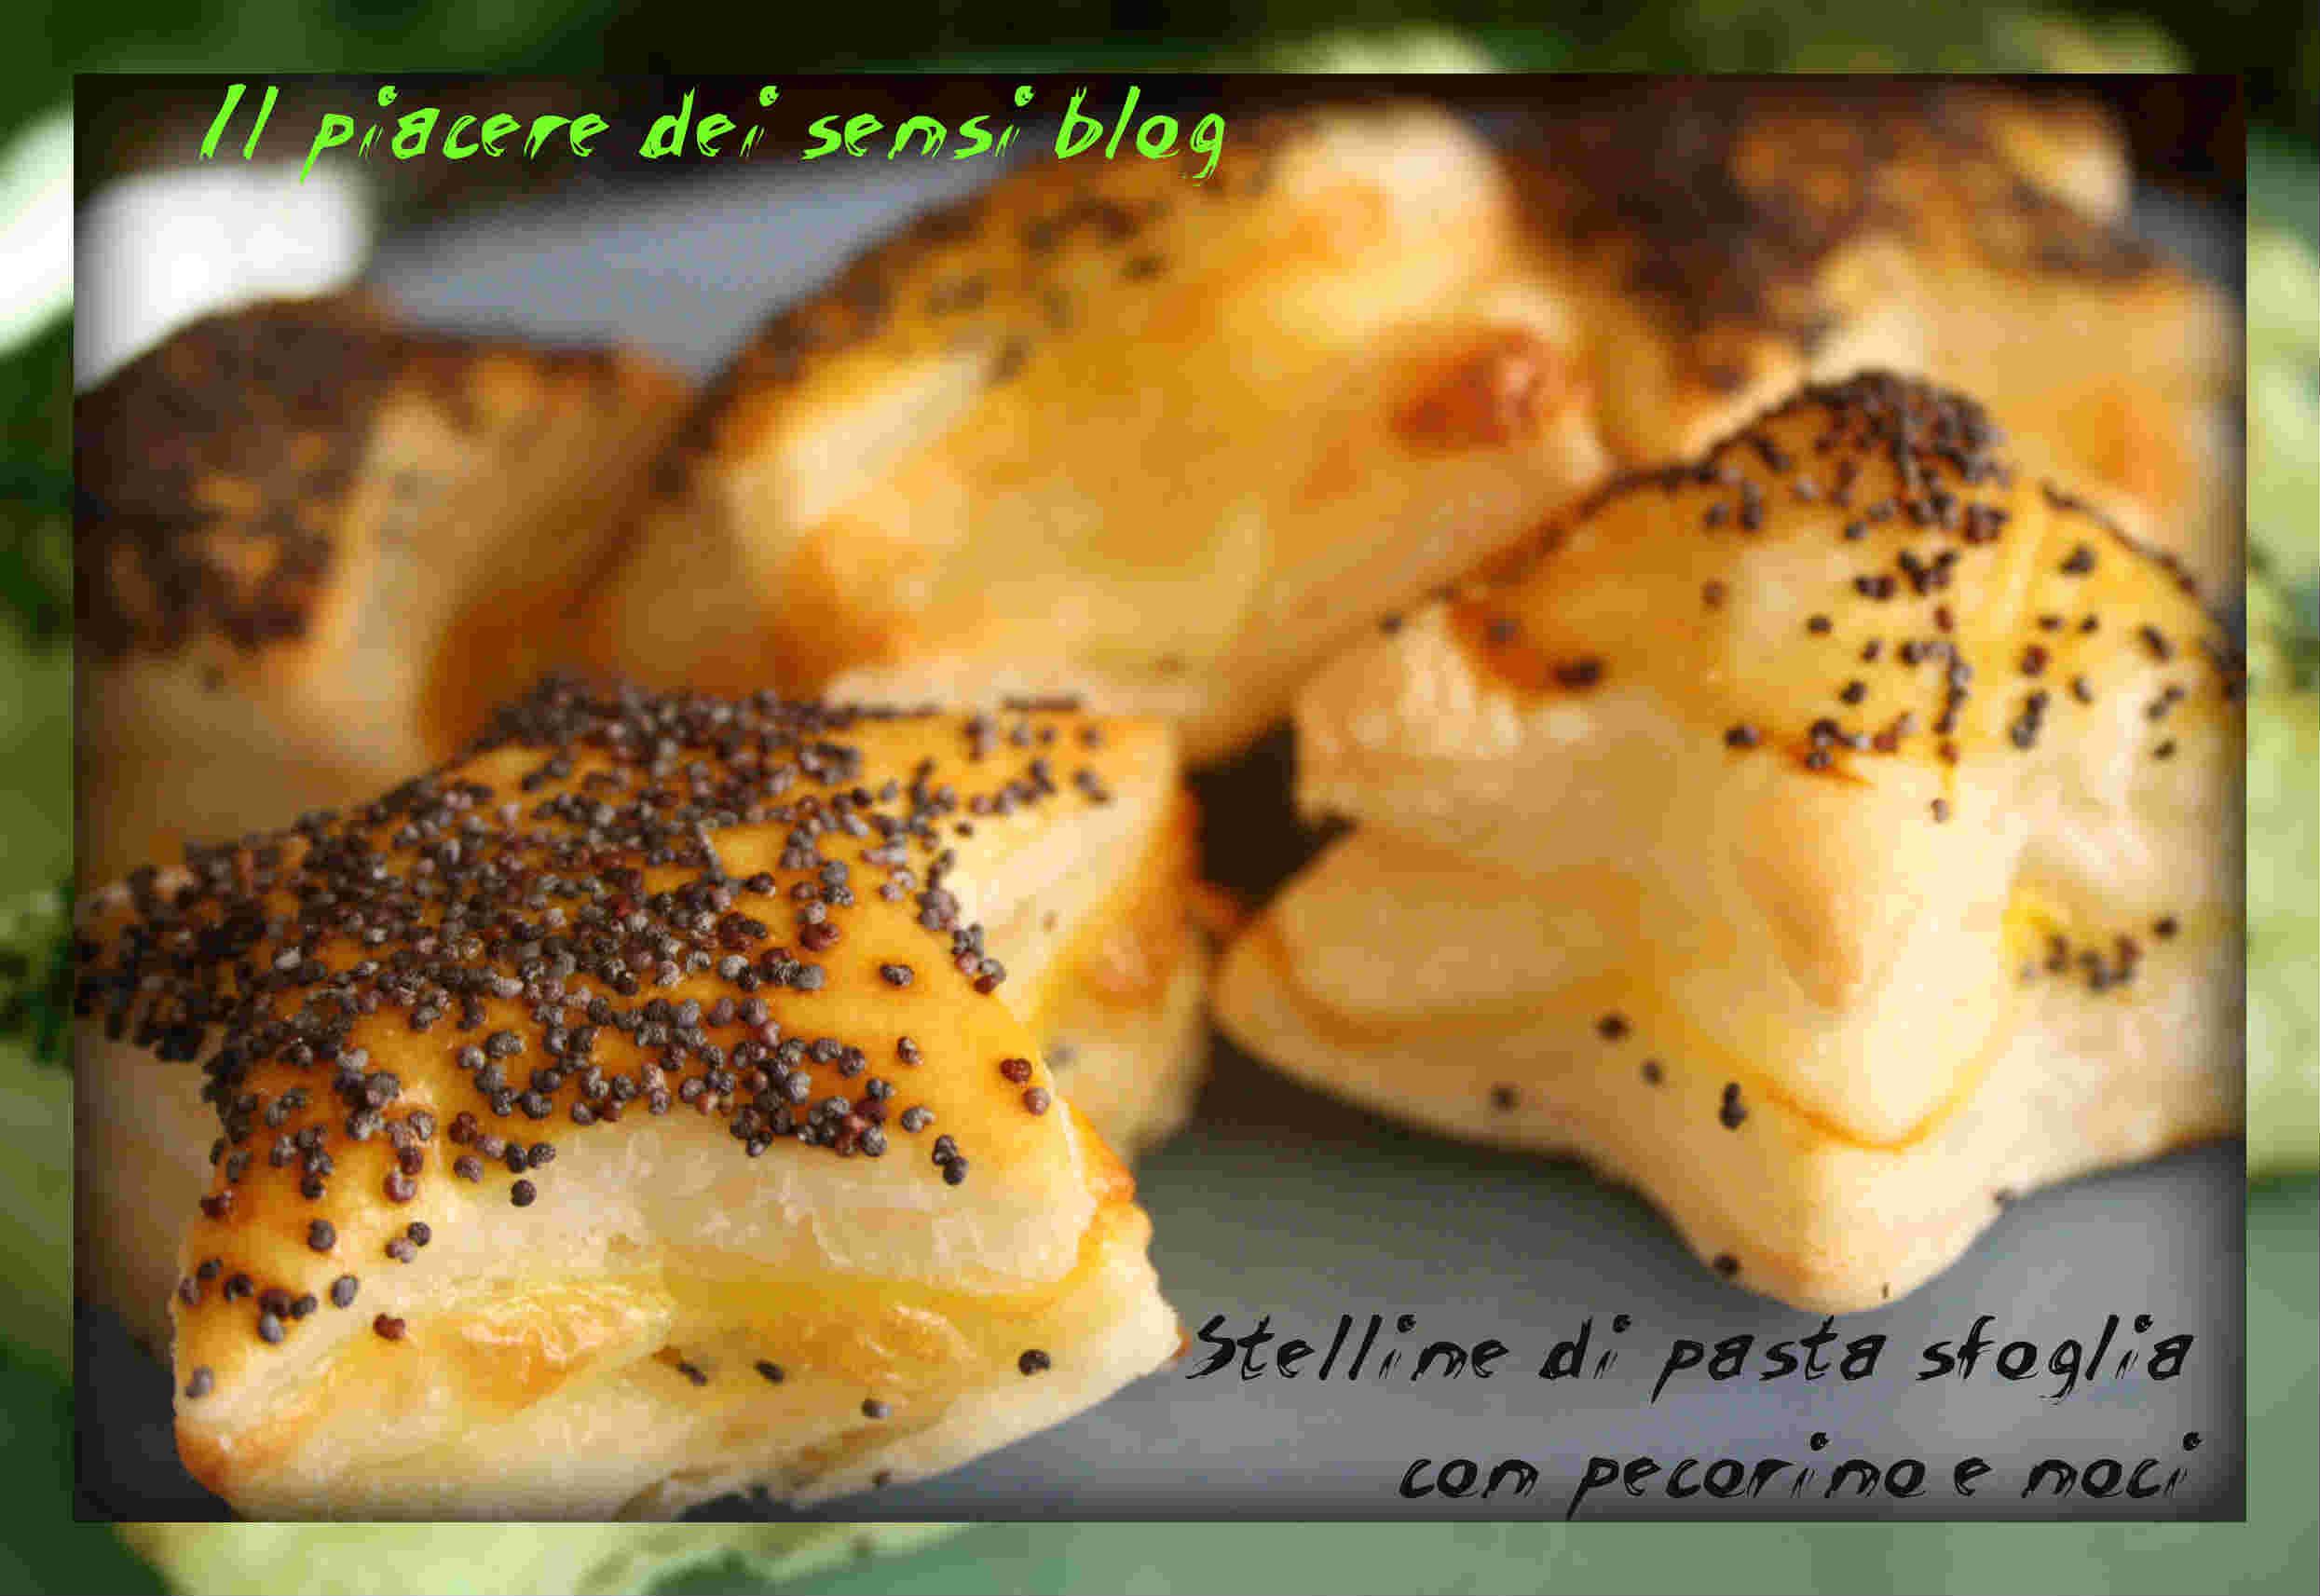 Stelline di pasta sfoglia con pecorino e noci